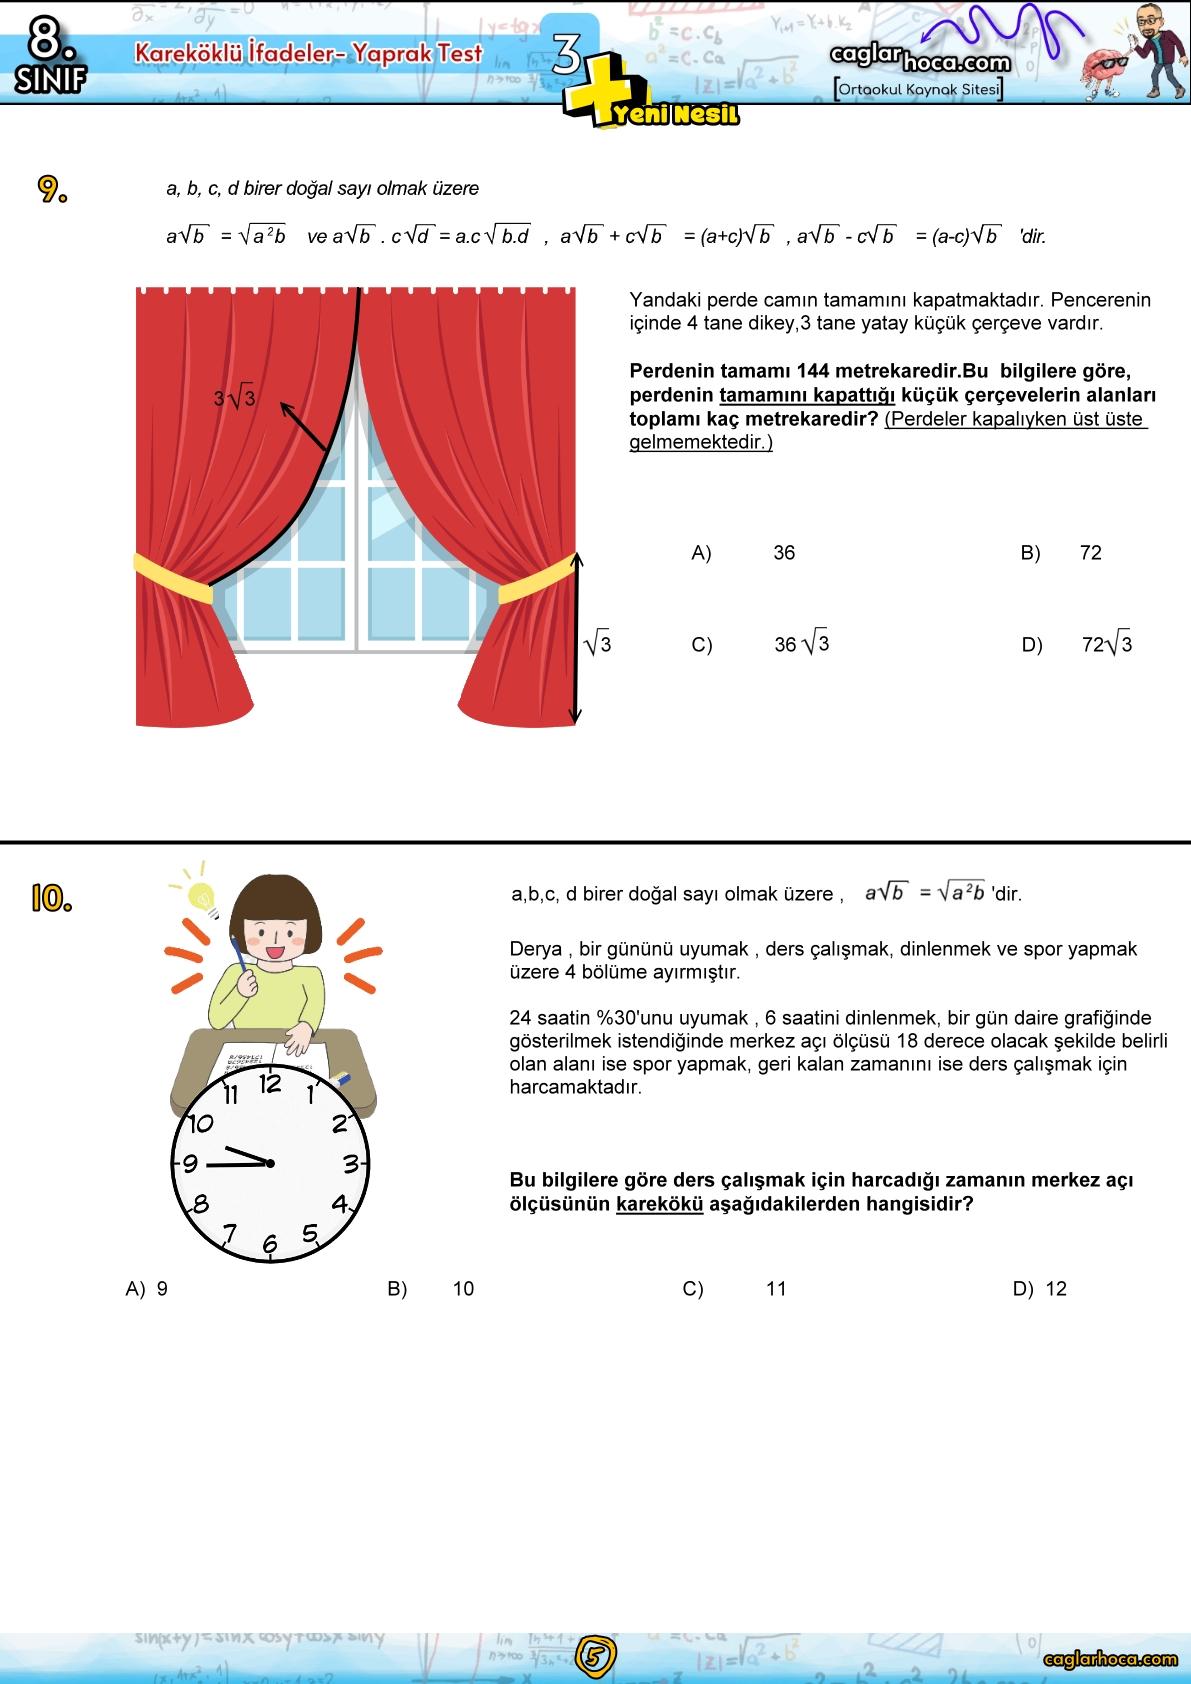 kareköklü sayılar,köklü sayılar,karekök,kareköklü sayılar soru çözümü,kareköklü sayılar konu anlatımı,kareköklü ifadeler,kareköklü i̇fadeler,köklü sayılar soru çözümü,8. sınıf kareköklü ifadeler,lgs kareköklü sayılar,kareköklü sayılar lgs,kareköklü sayılar 4 işlem,8.sınıf kareköklü sayılar,8. sınıf kareköklü sayılar,kareköklü sayılar lgs kampı,lgs kampı kareköklü sayılar,kareköklü sayılar lgs tekrar